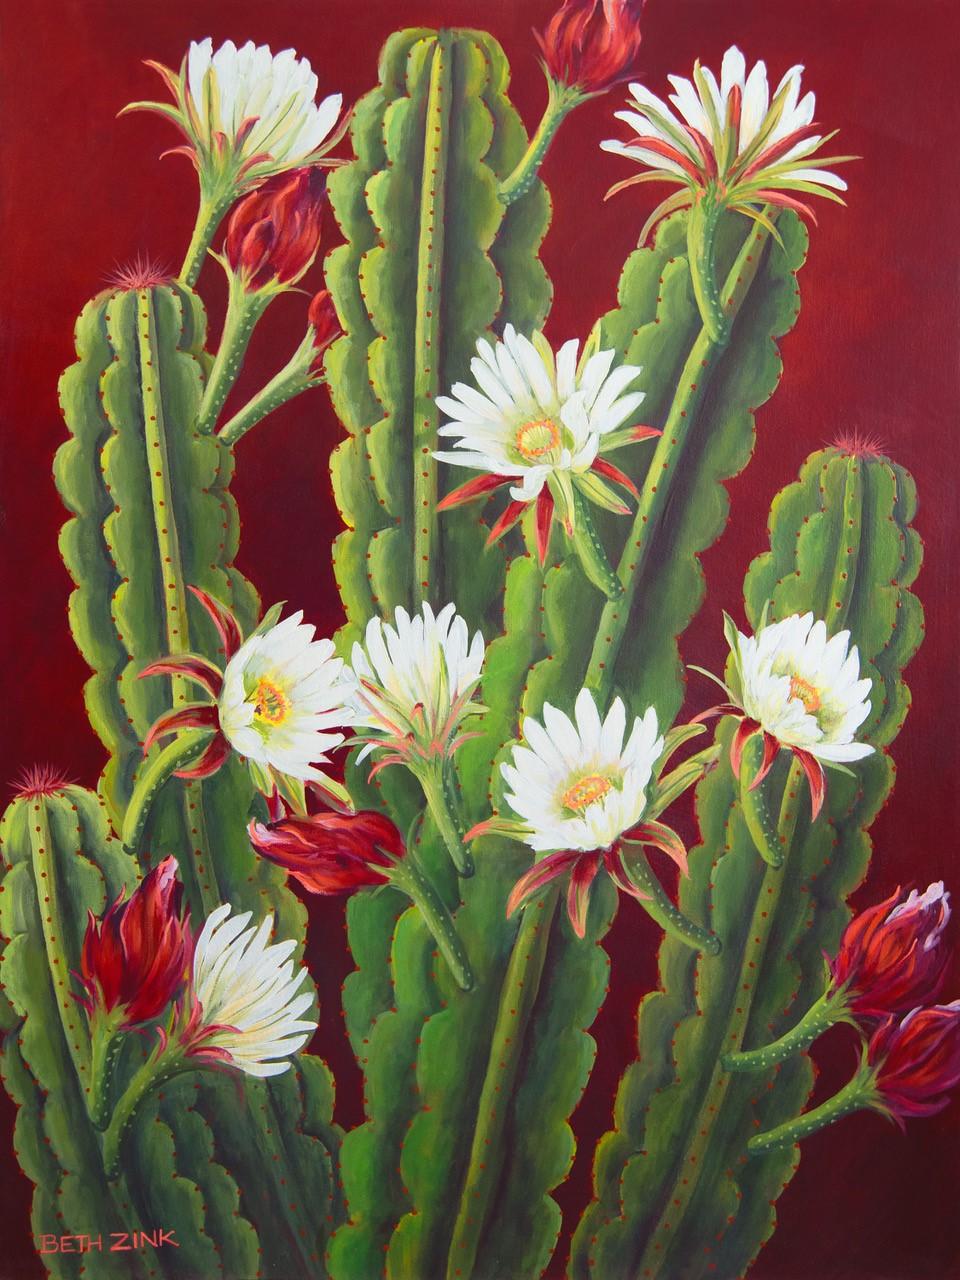 Bloomin' Cereus 40x30 - $4500